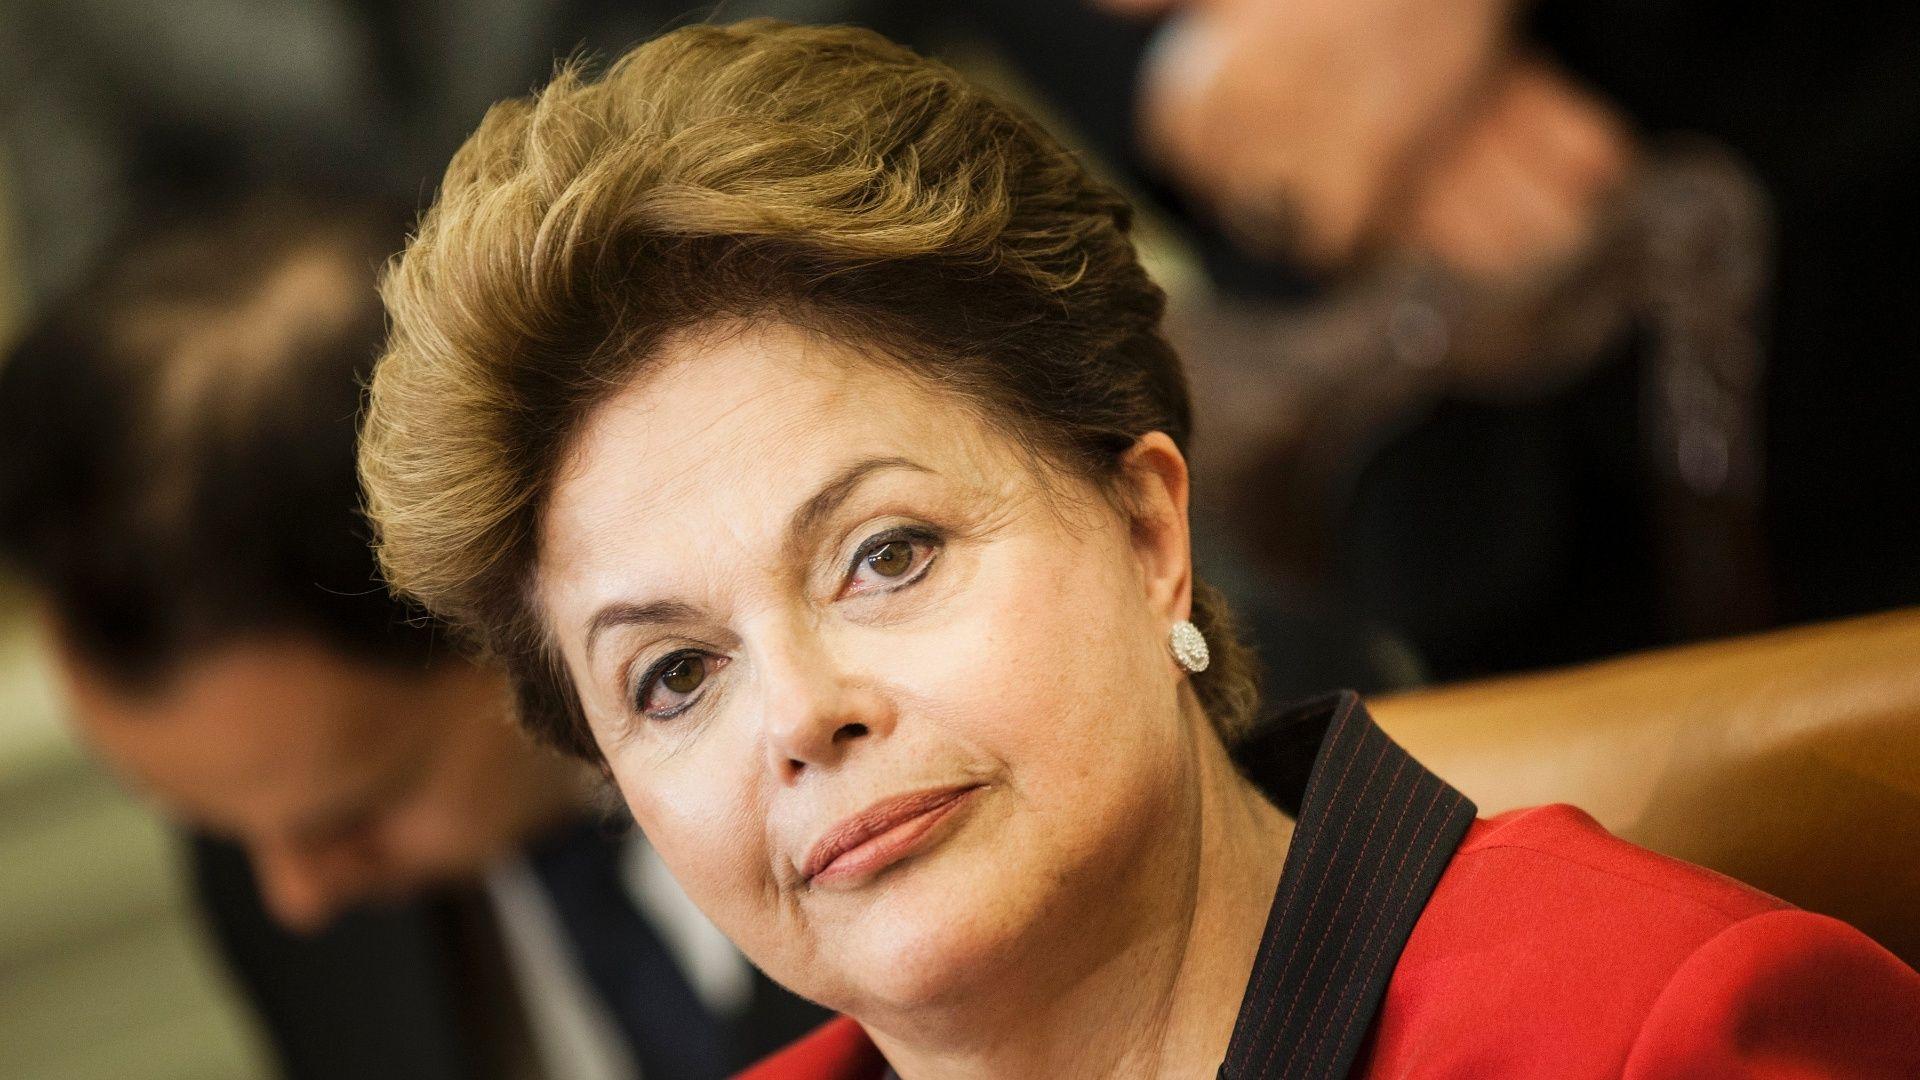 Dilma Rousseff: Me enfrento a un golpe de Estado